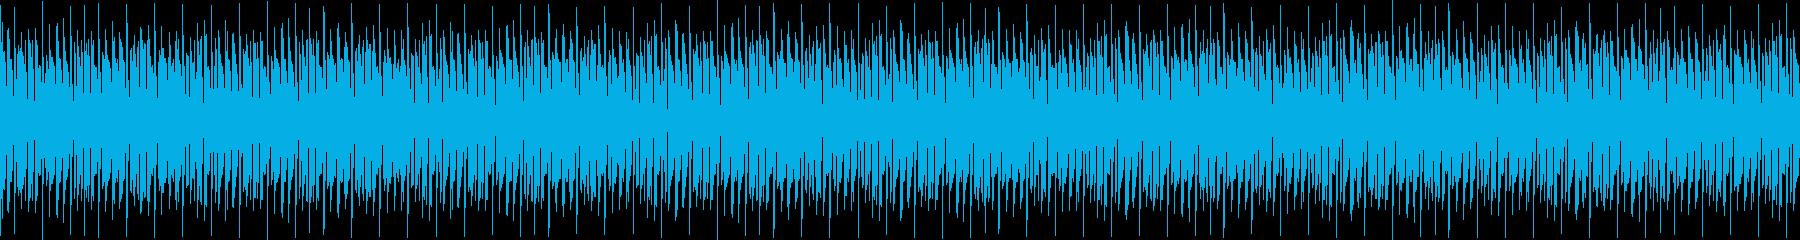 和風ビートとヒップホップの融合の再生済みの波形